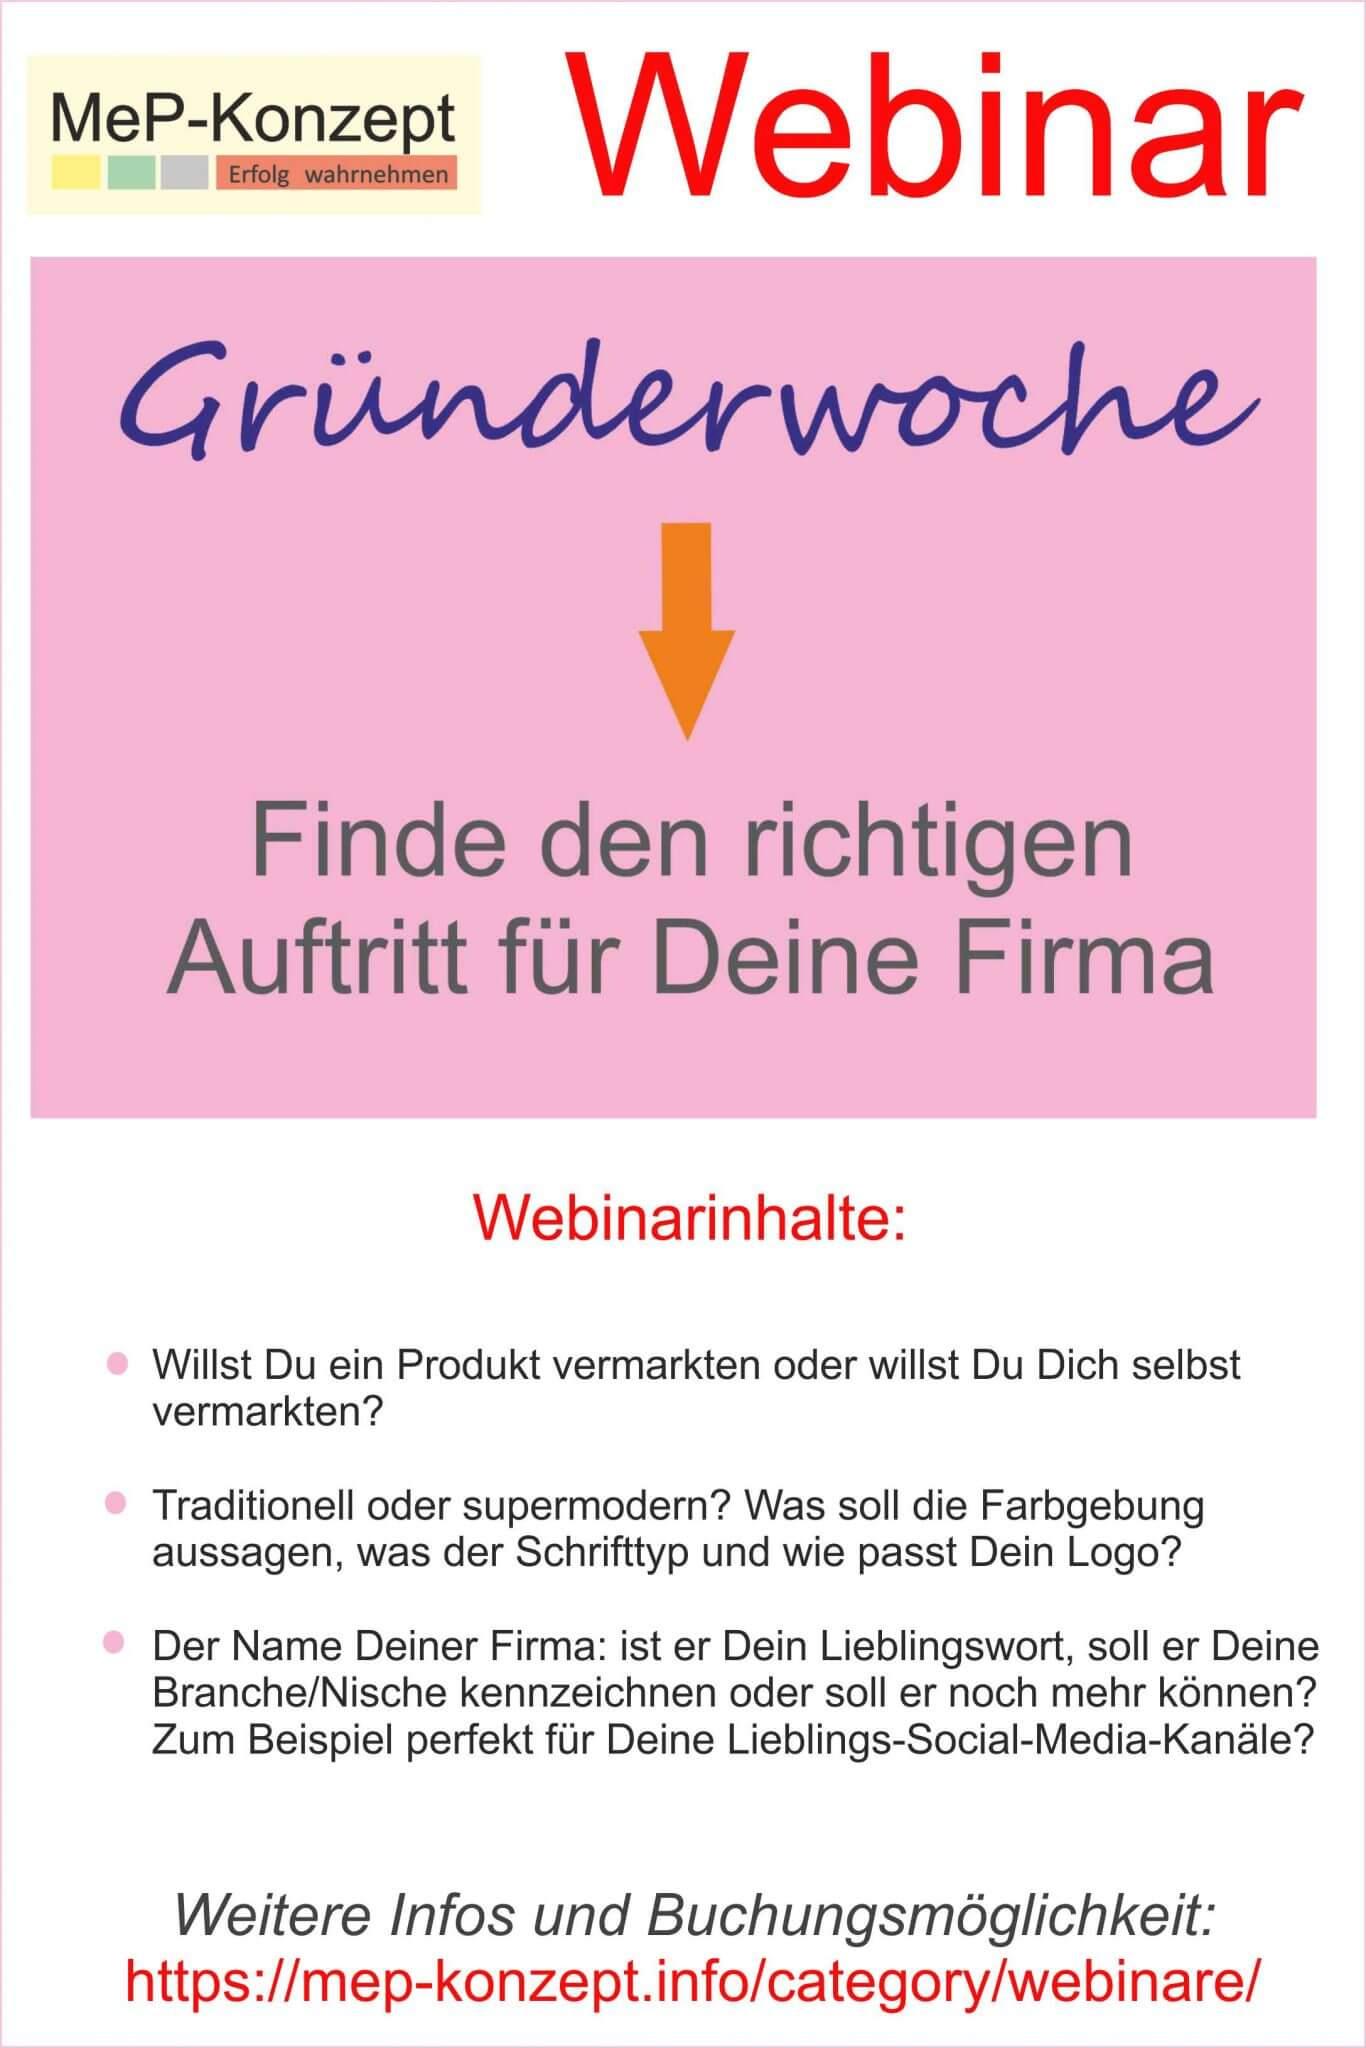 Gründerwoche-Webinar: Finde den richtigen Auftritt für Deine Firma!